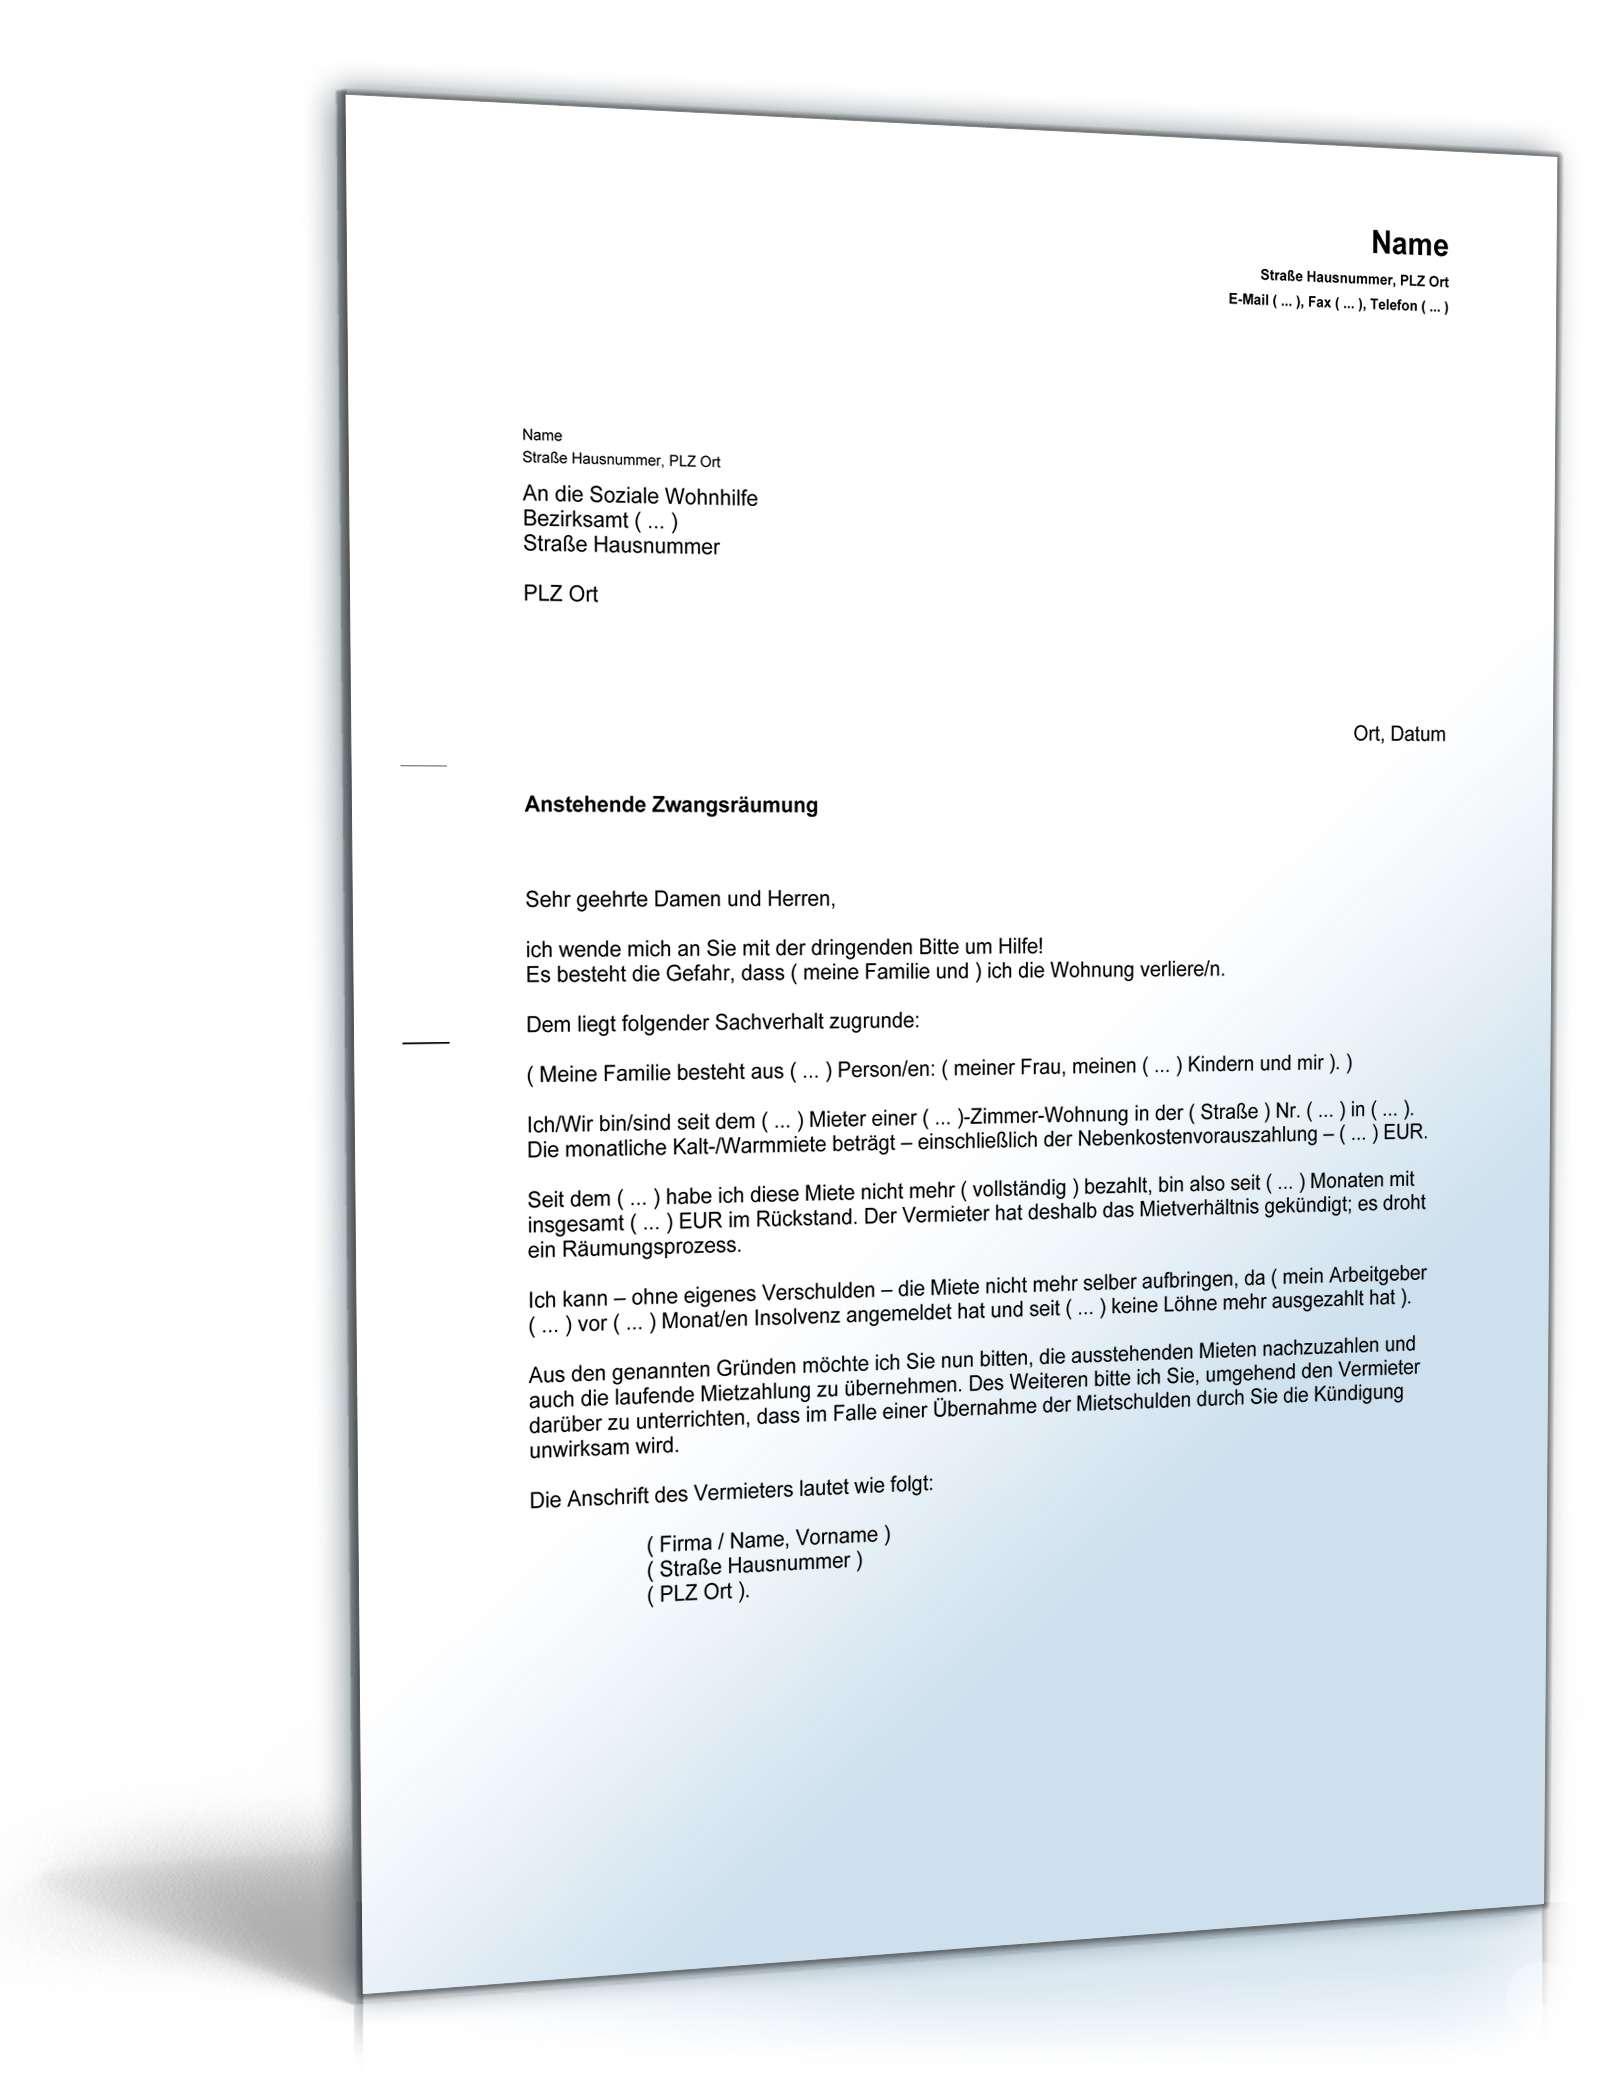 Erklarung Notlage Bei Wohnungsraumung Muster Zum Download